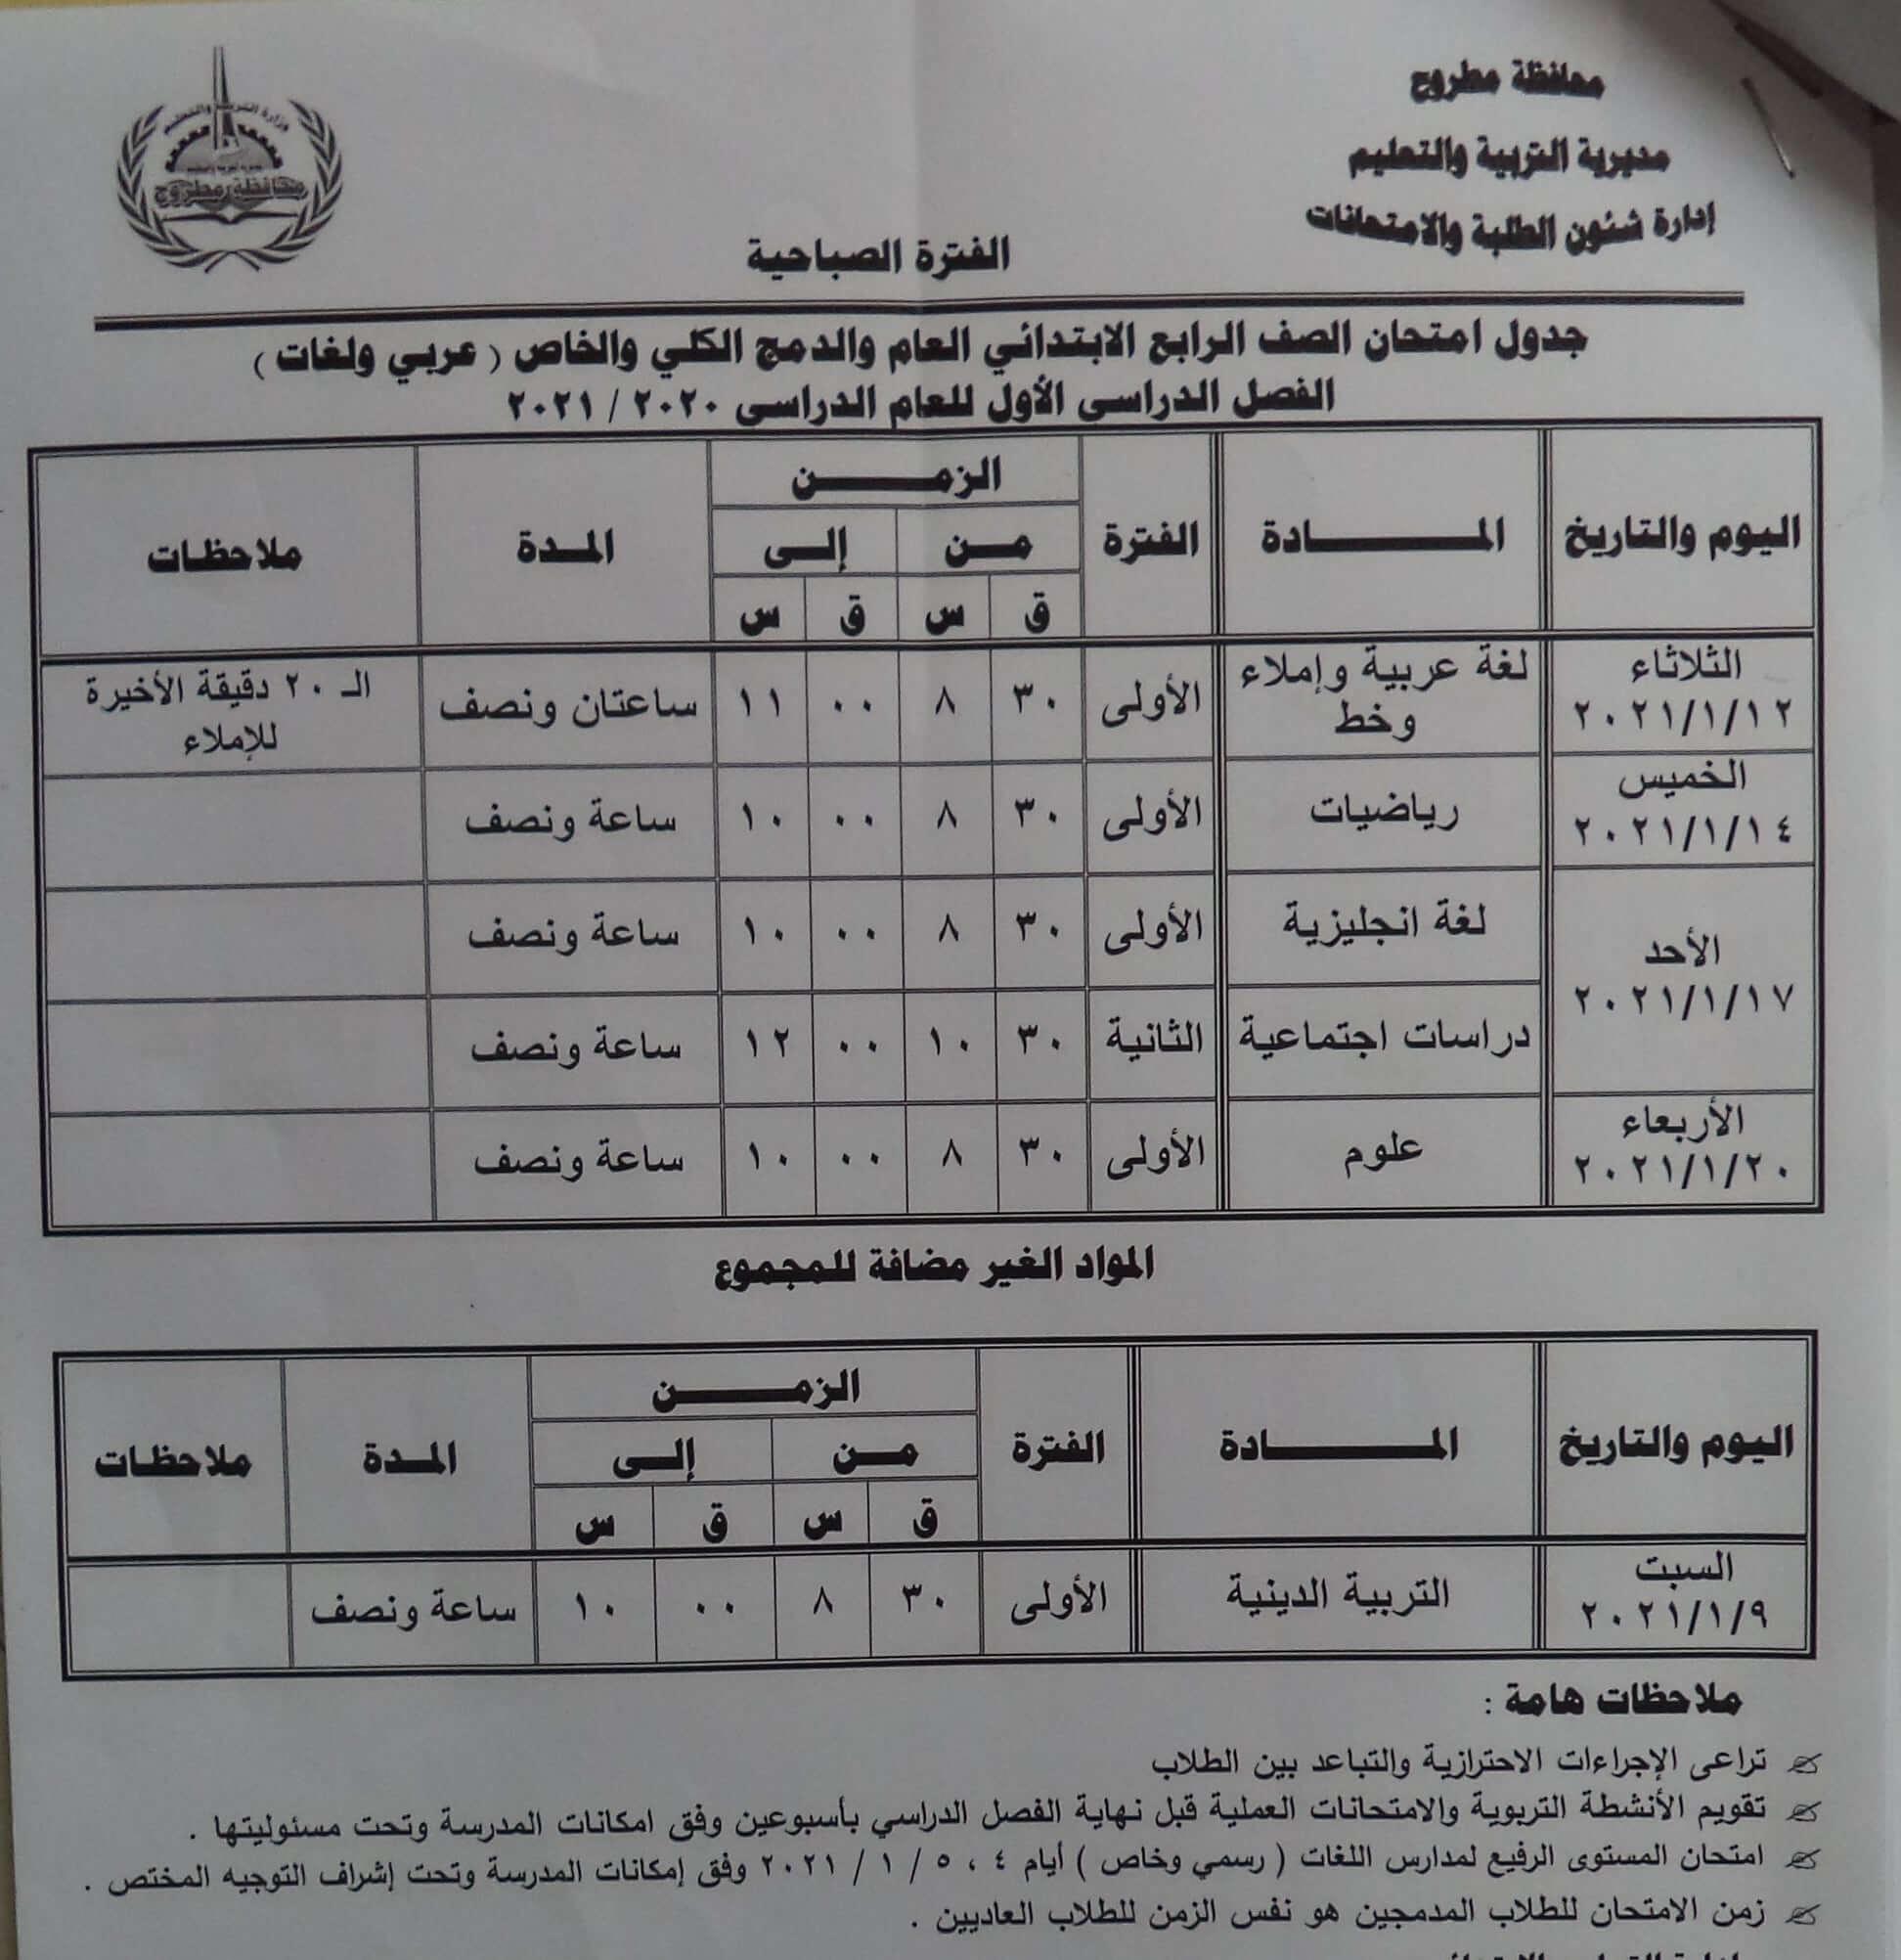 جدول امتحانات الصف الرابع الابتدائي نصف العام محافظة مطروح 2021 1